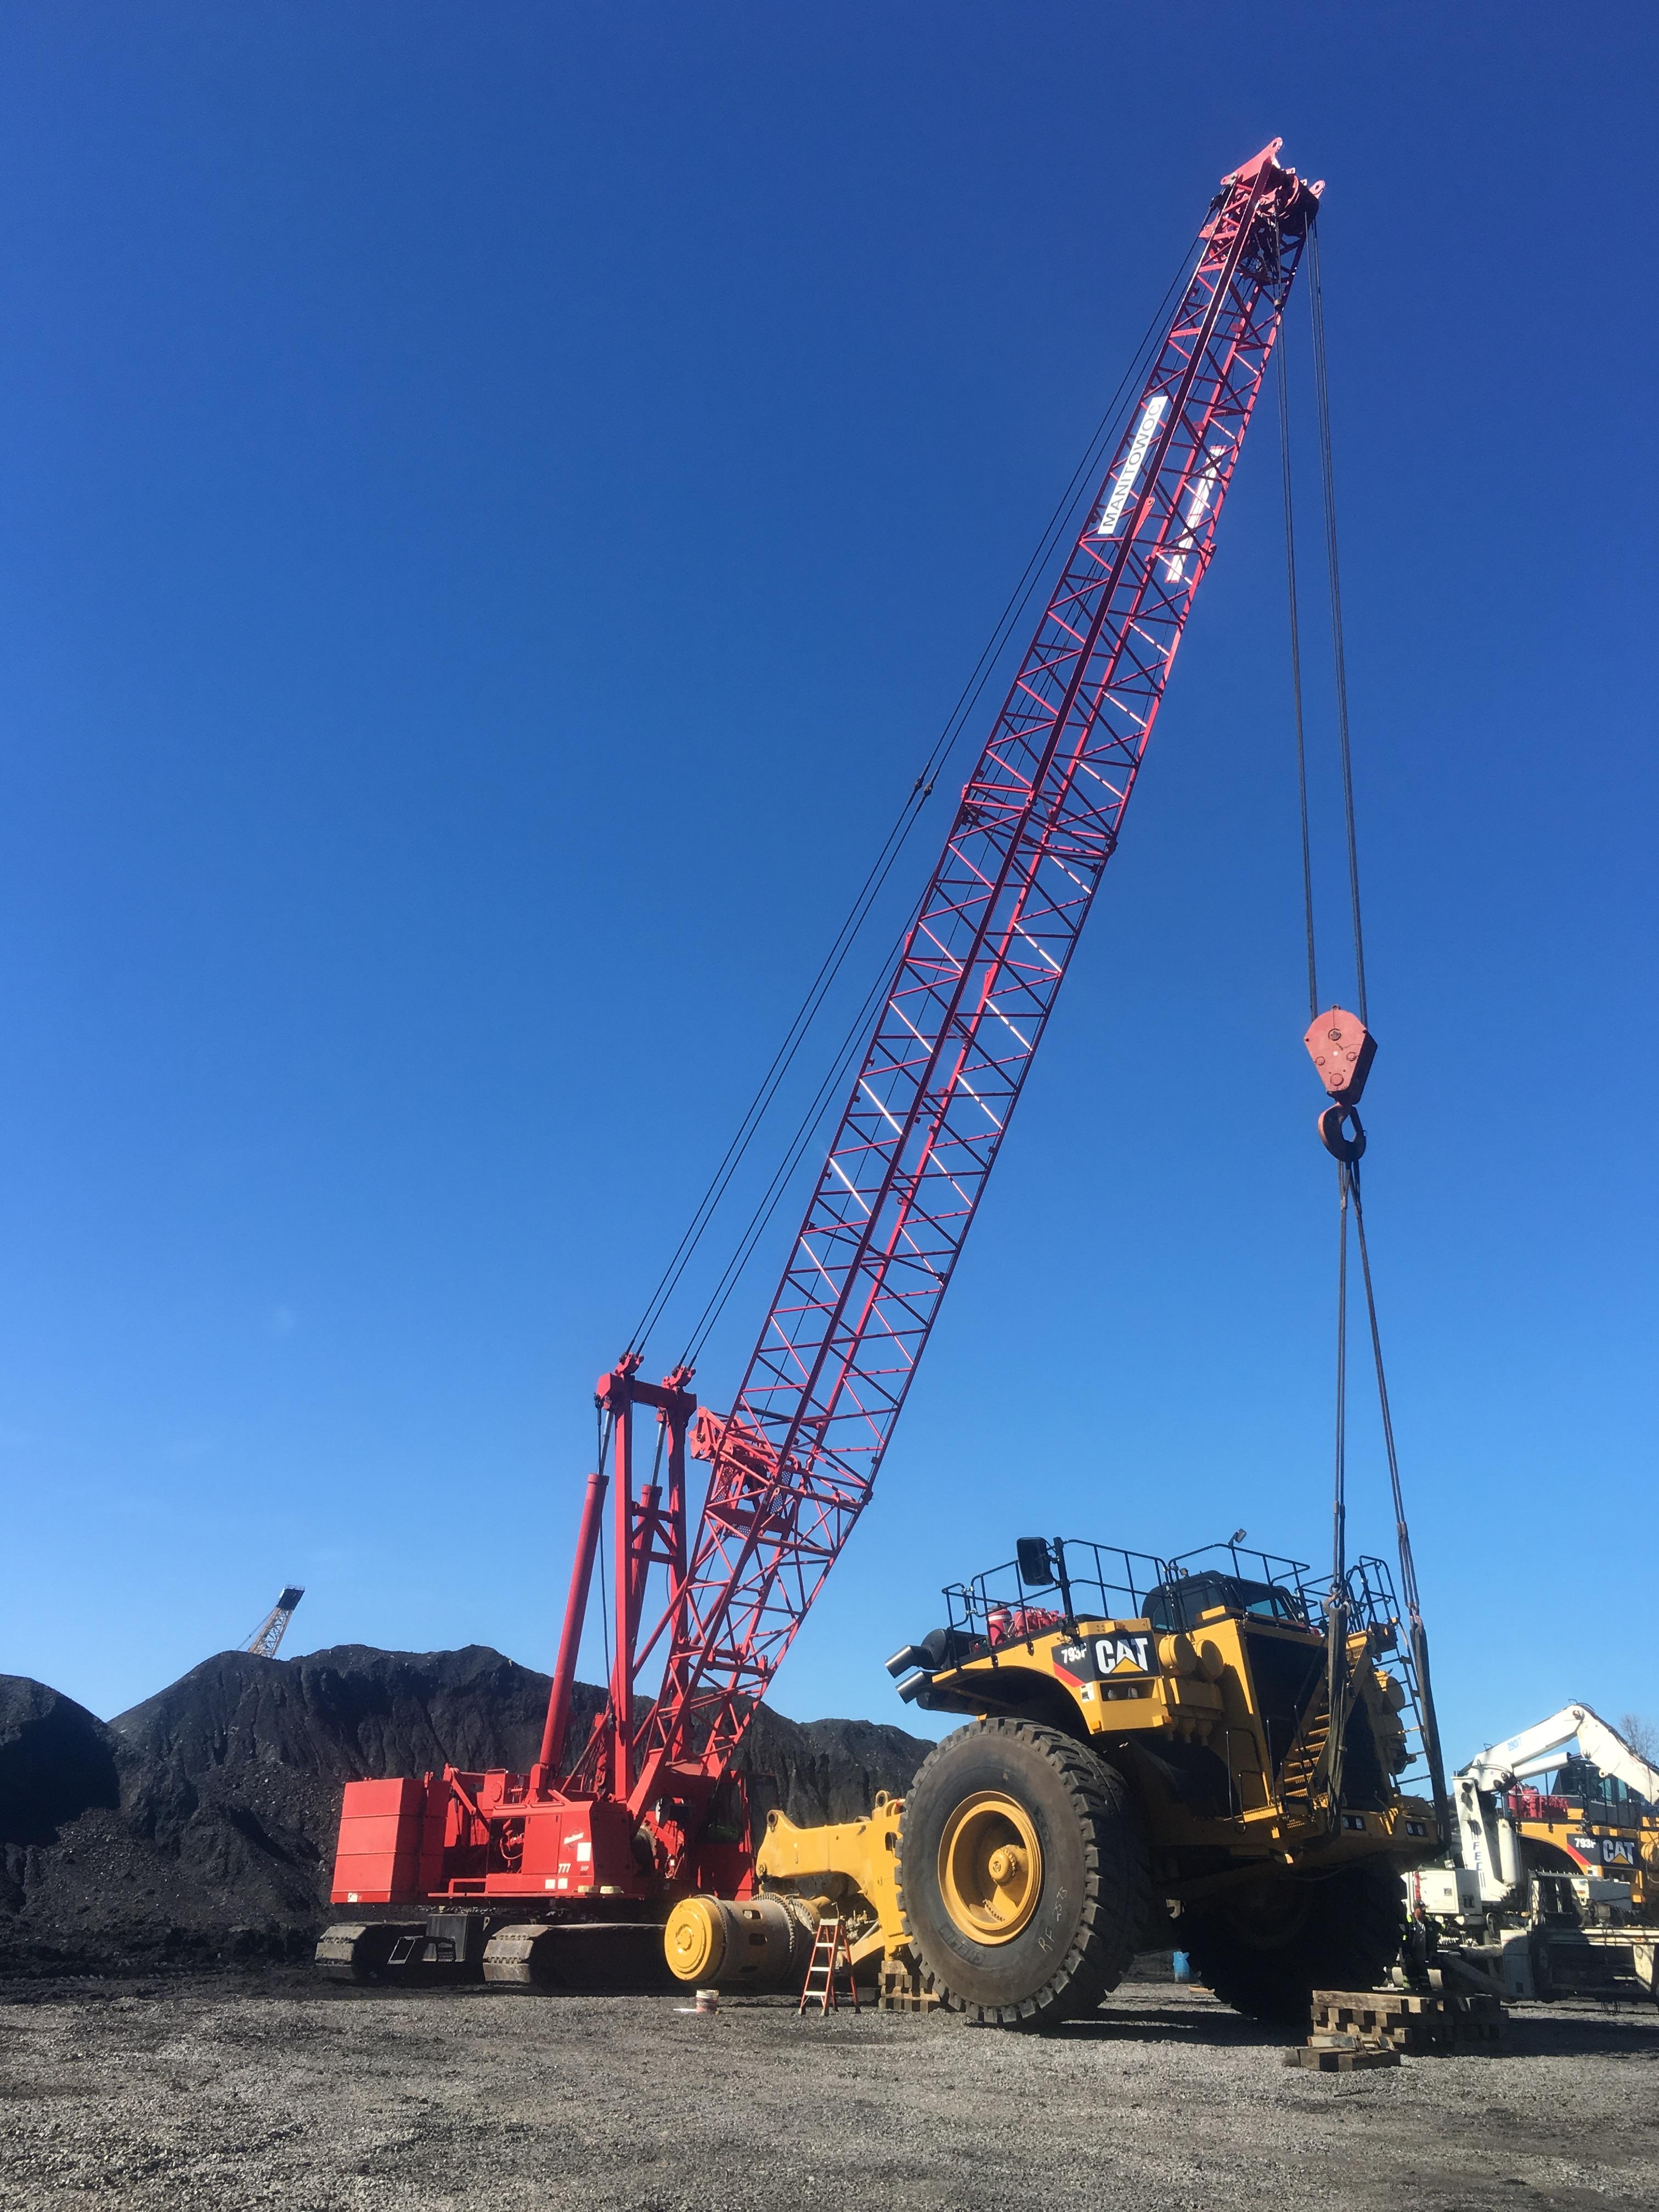 Coal Mining Equipment - G&R Crane Rental - Pics